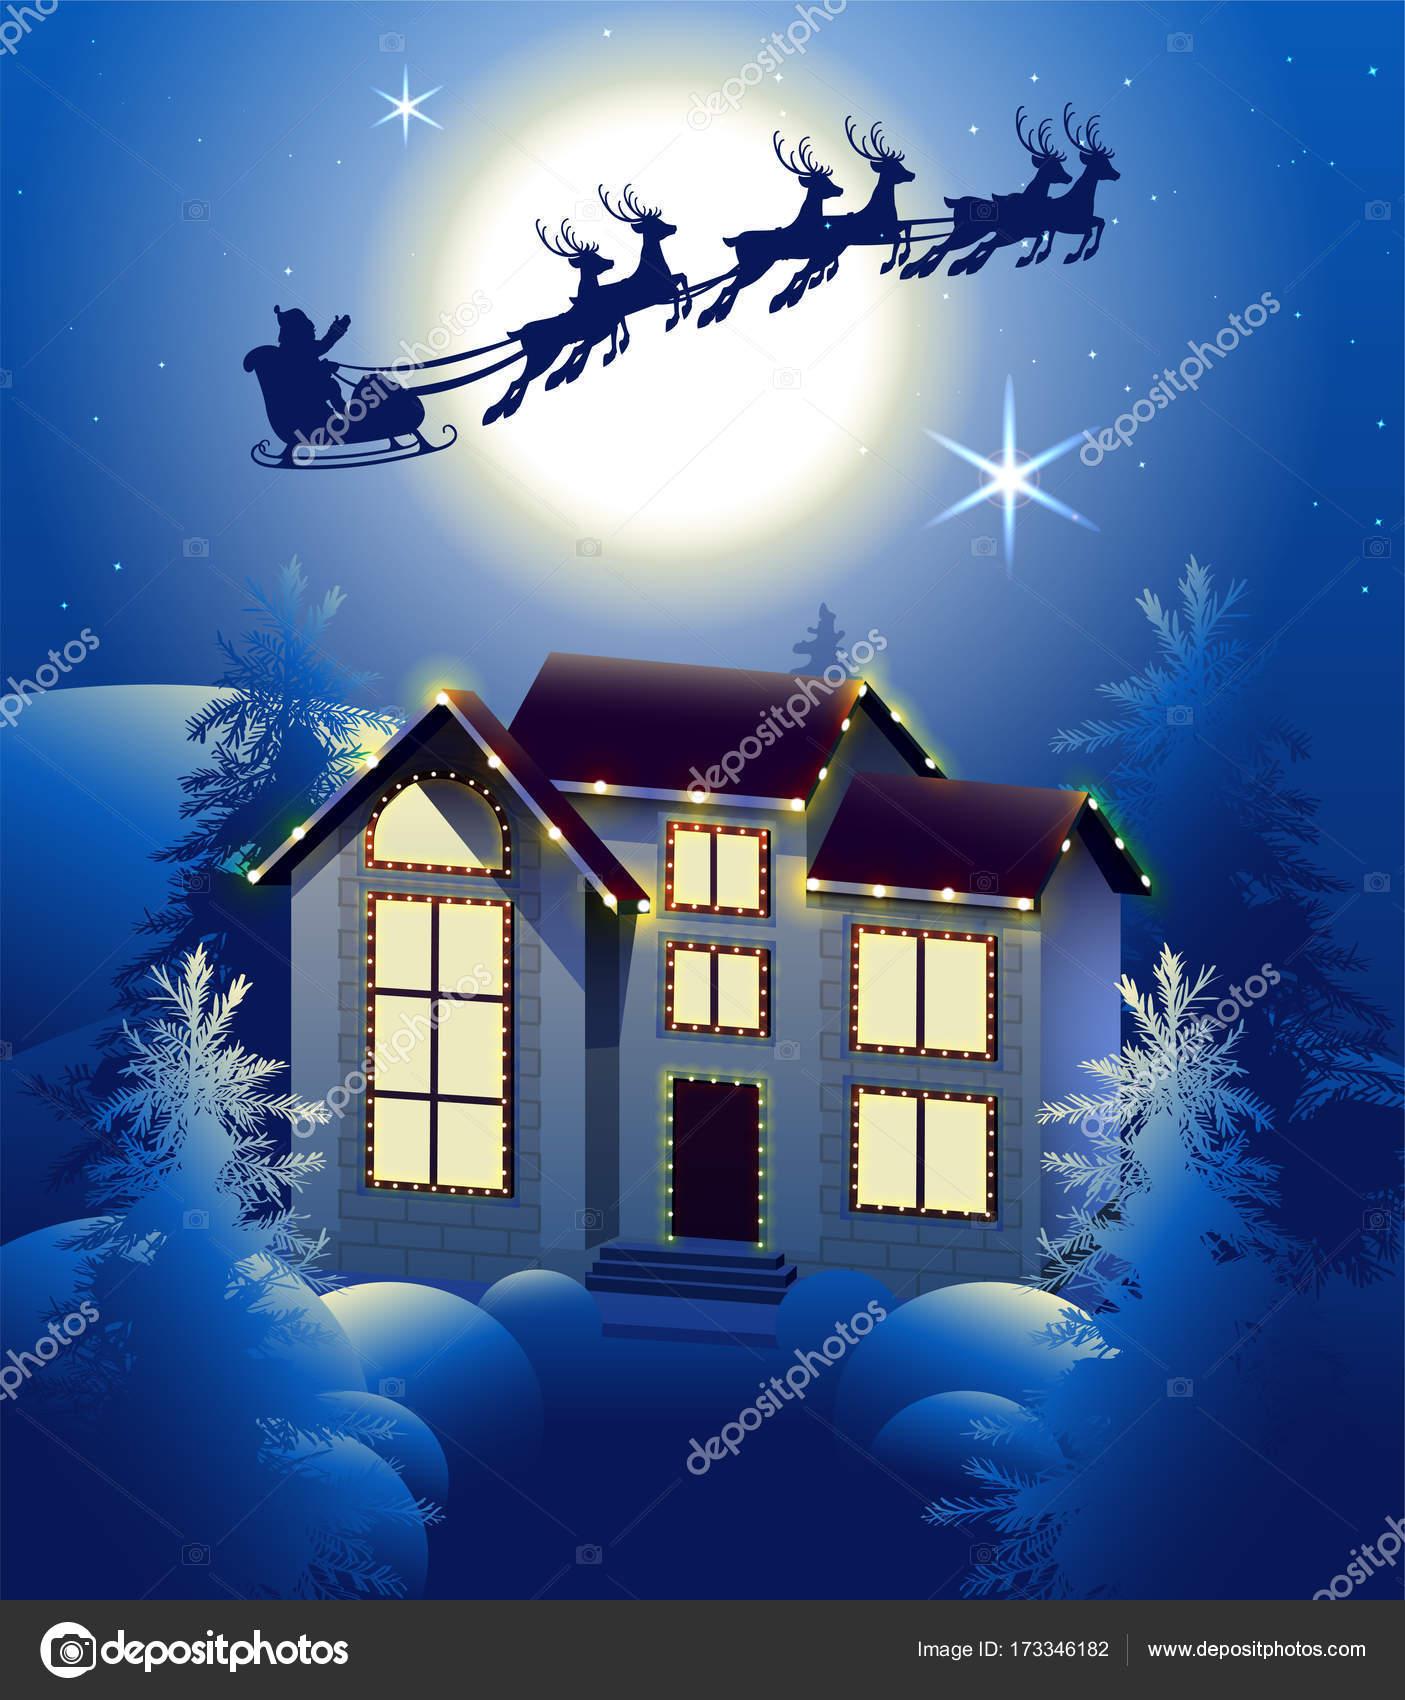 https://st3.depositphotos.com/1000489/17334/v/1600/depositphotos_173346182-stockillustratie-kerstman-in-slee-rendieren-silhouet.jpg